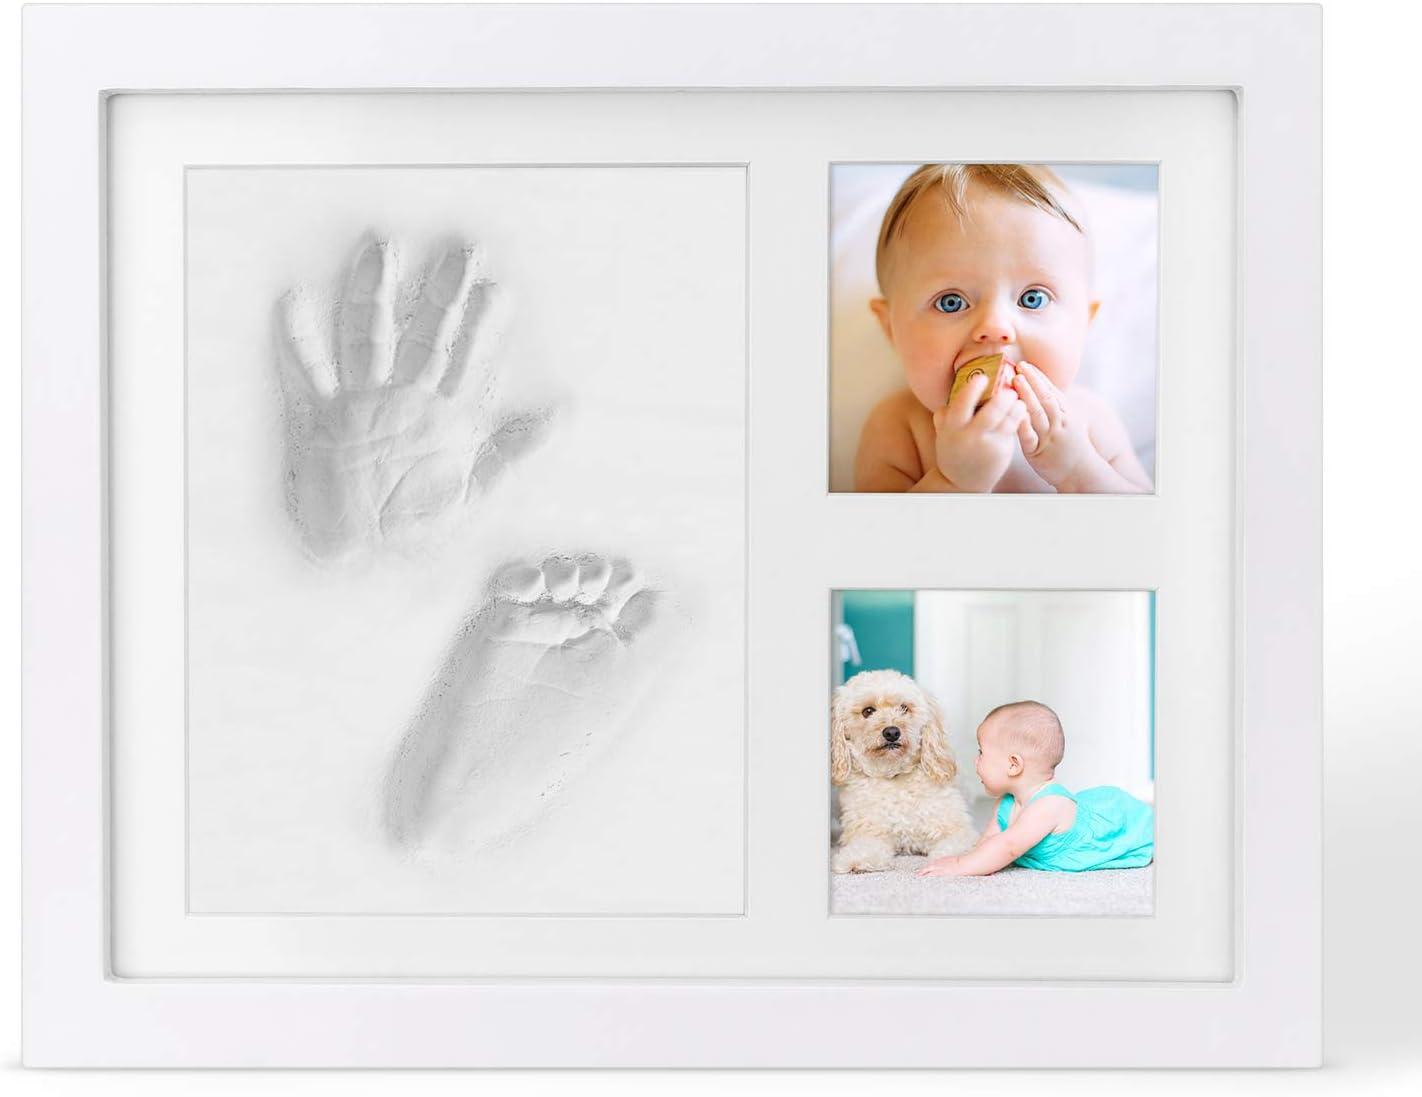 KOREY Marco de Arcilla de Bebé, Kit de Marco para Manos y Huellas de Bebé, No Tóxico Seguro Arcilla Premium y Marcos Madera - Regalo ideal para Recién Nacido